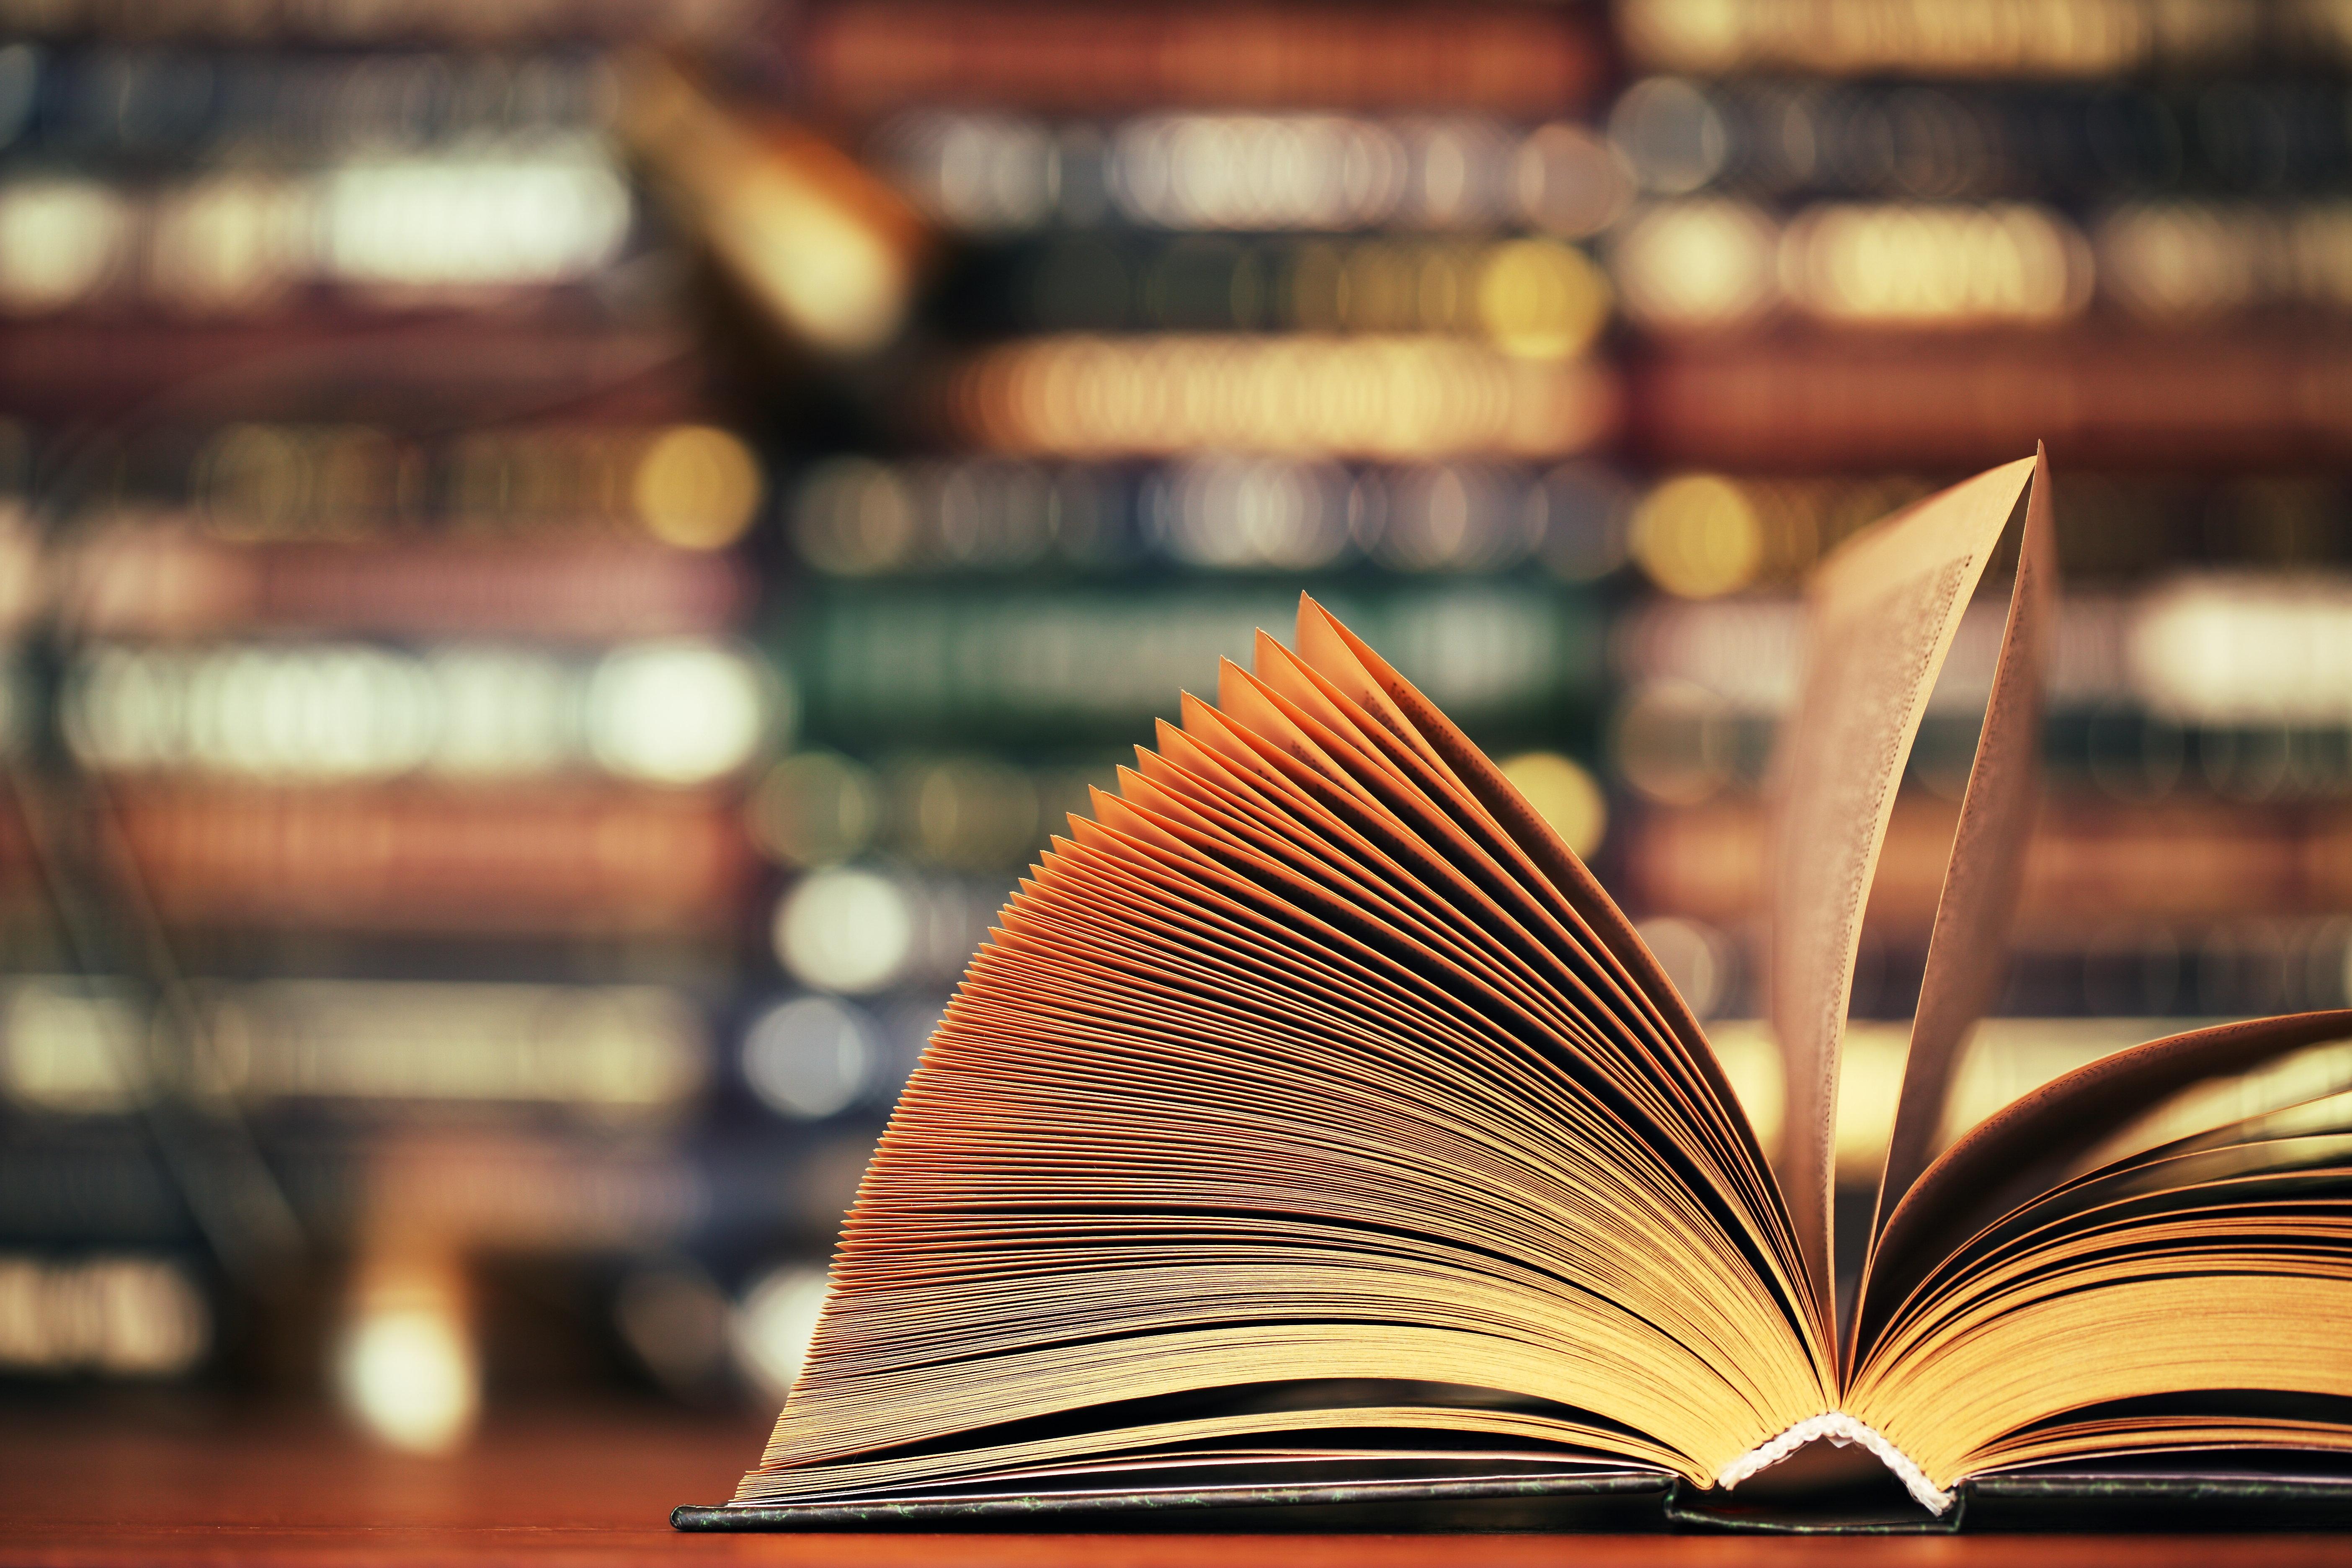 Frau kauft gebrauchtes Buch – darin findet sie eine Botschaft ihrer toten